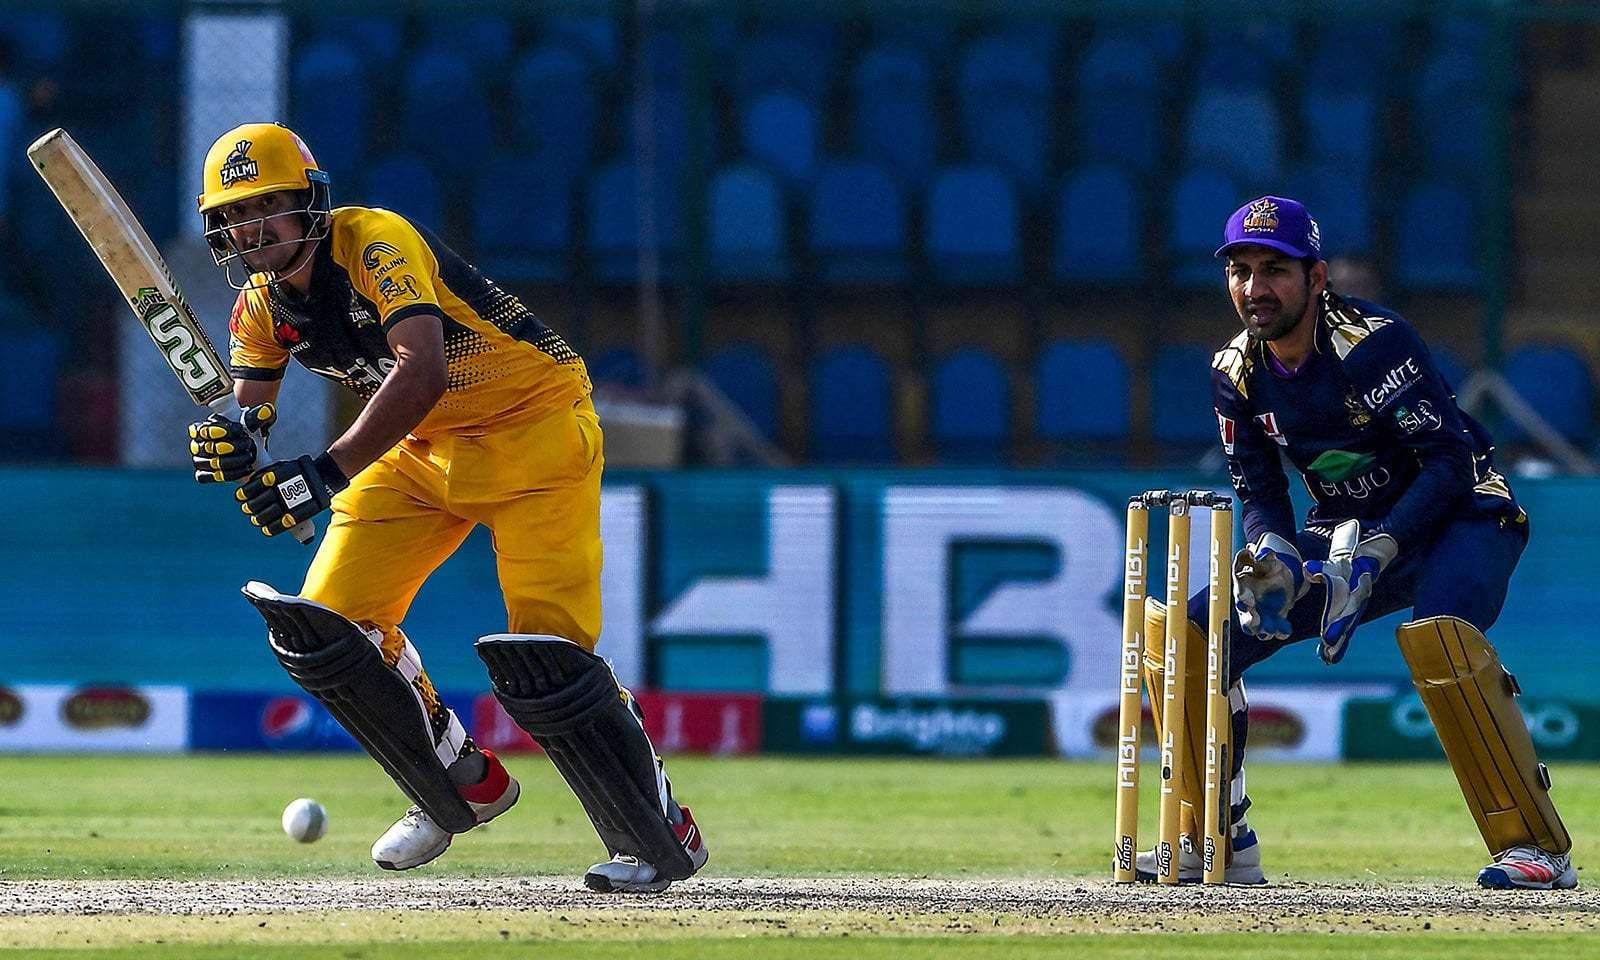 پشاور زلمی نے کوئٹہ گلیڈی ایٹرز کو میچ میں شکست سے دوچار کیا تھا— فوٹو: اے ایف پی